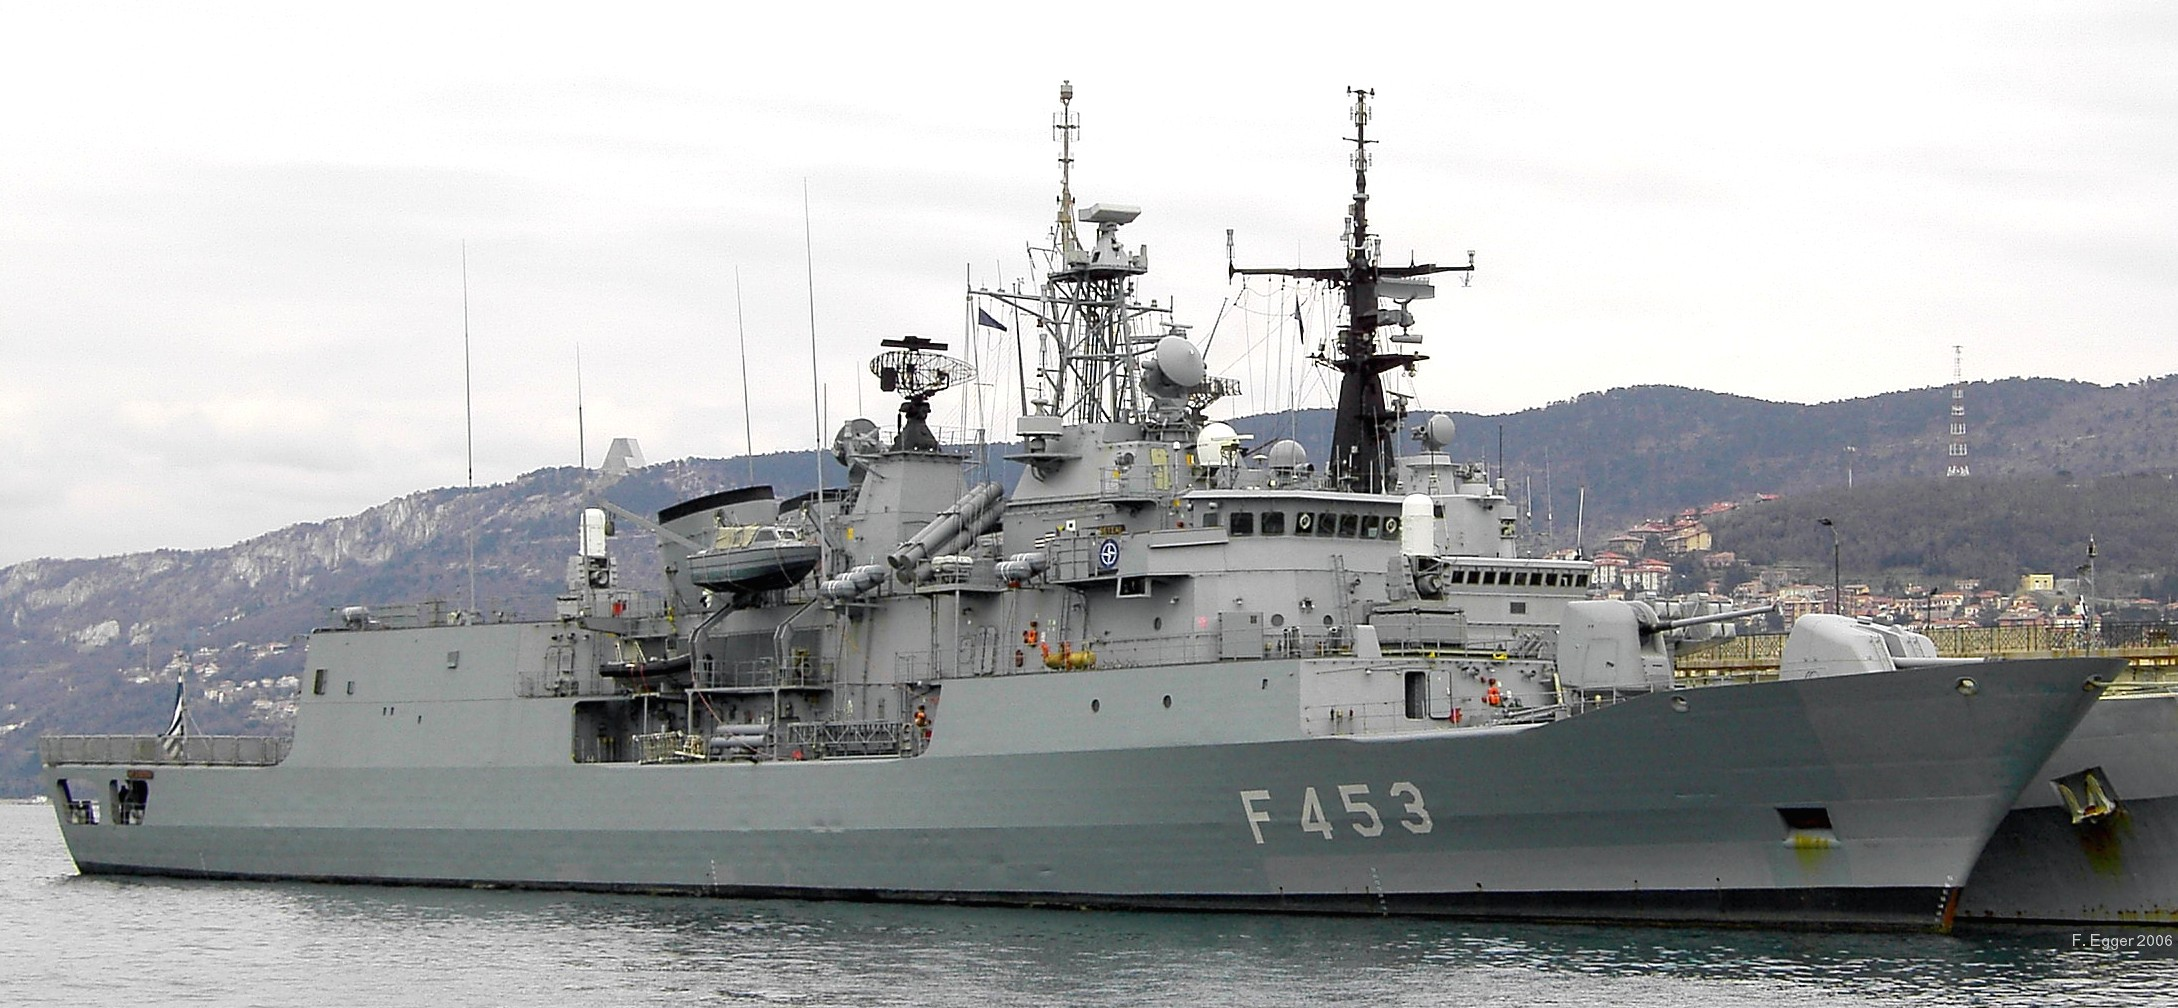 Hydra MEKO-200HN class Frigate Hellenic Navy